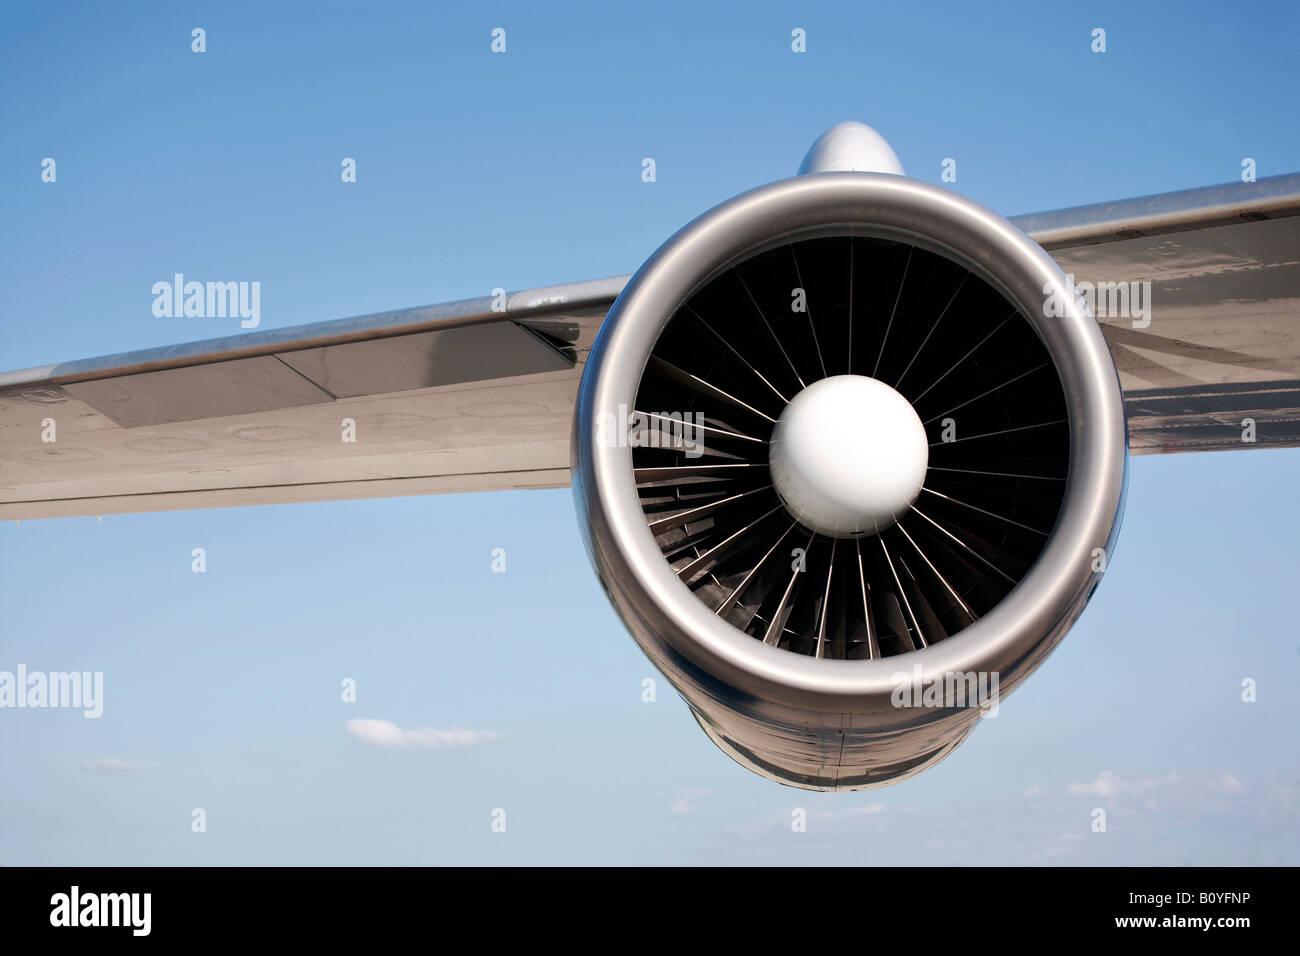 Motore Jet, close-up Immagini Stock